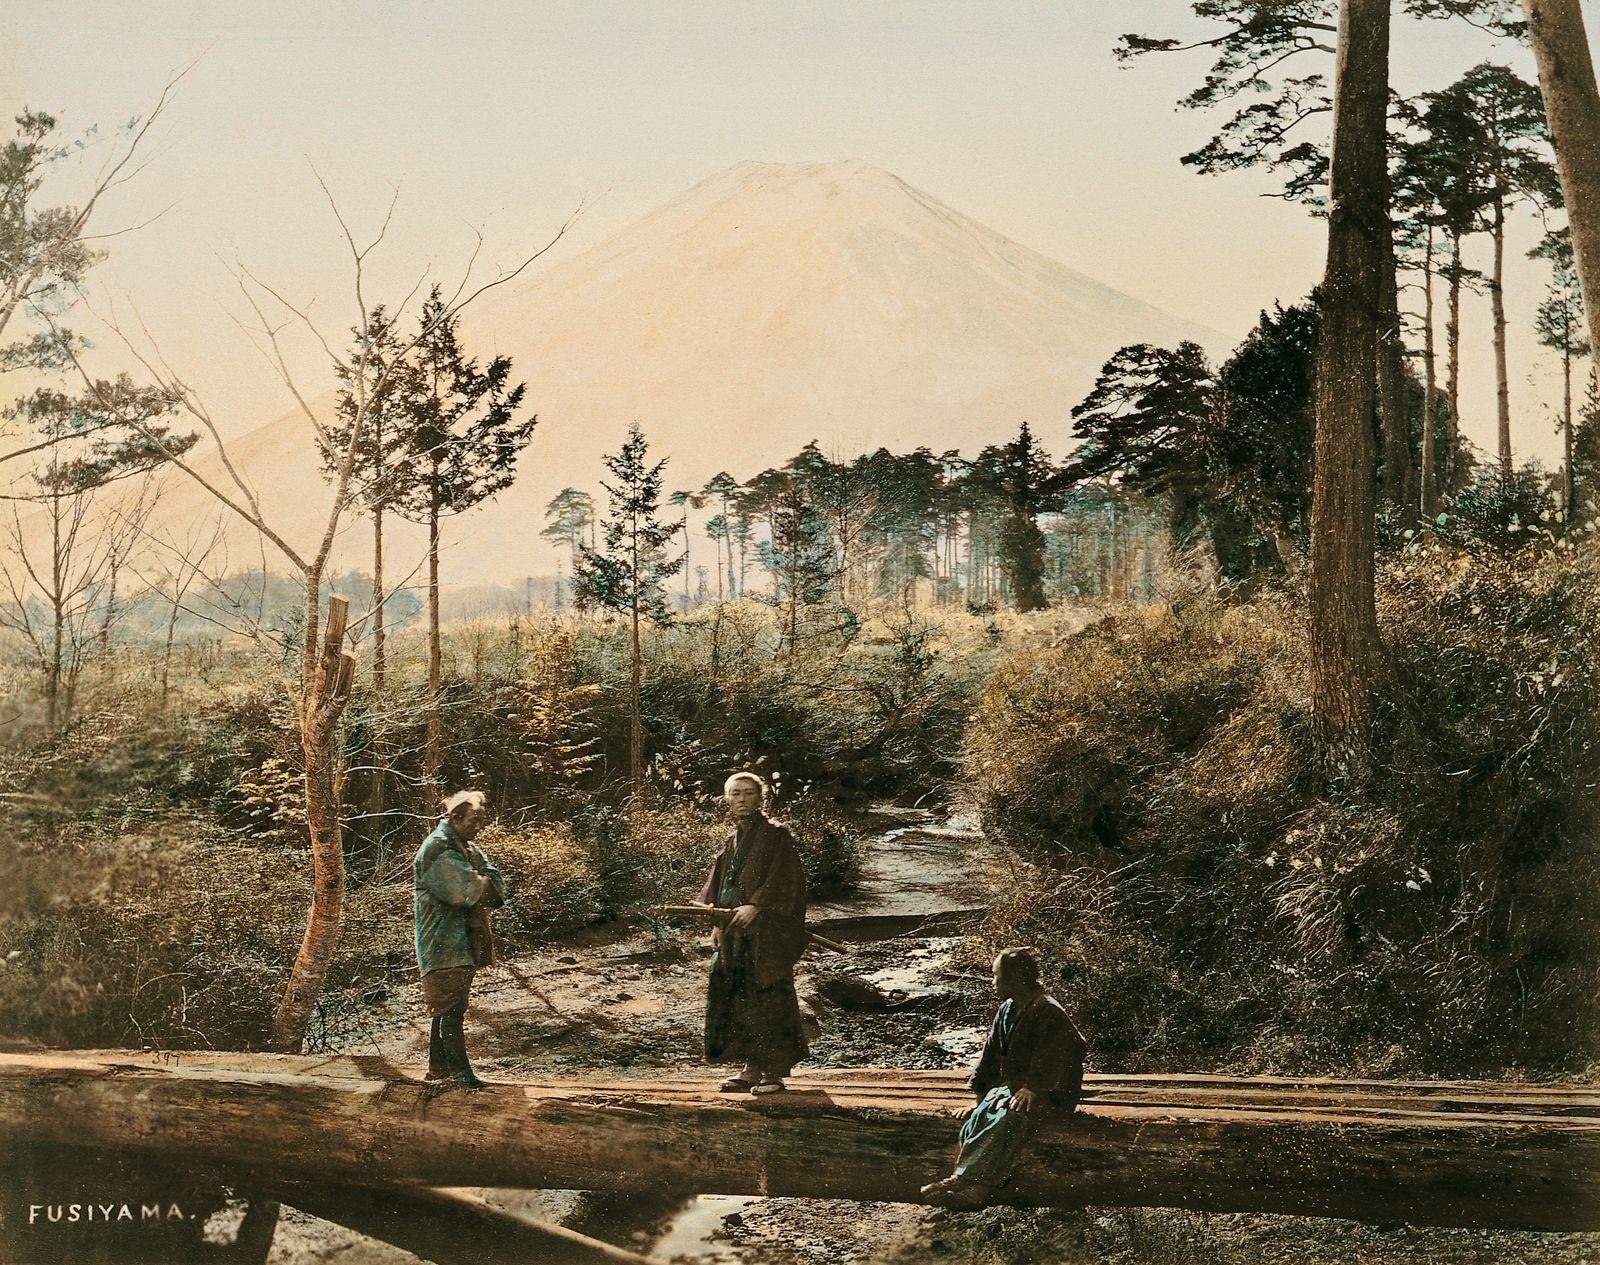 Historische Reisebilder - Fujiyama 1864 und 1868